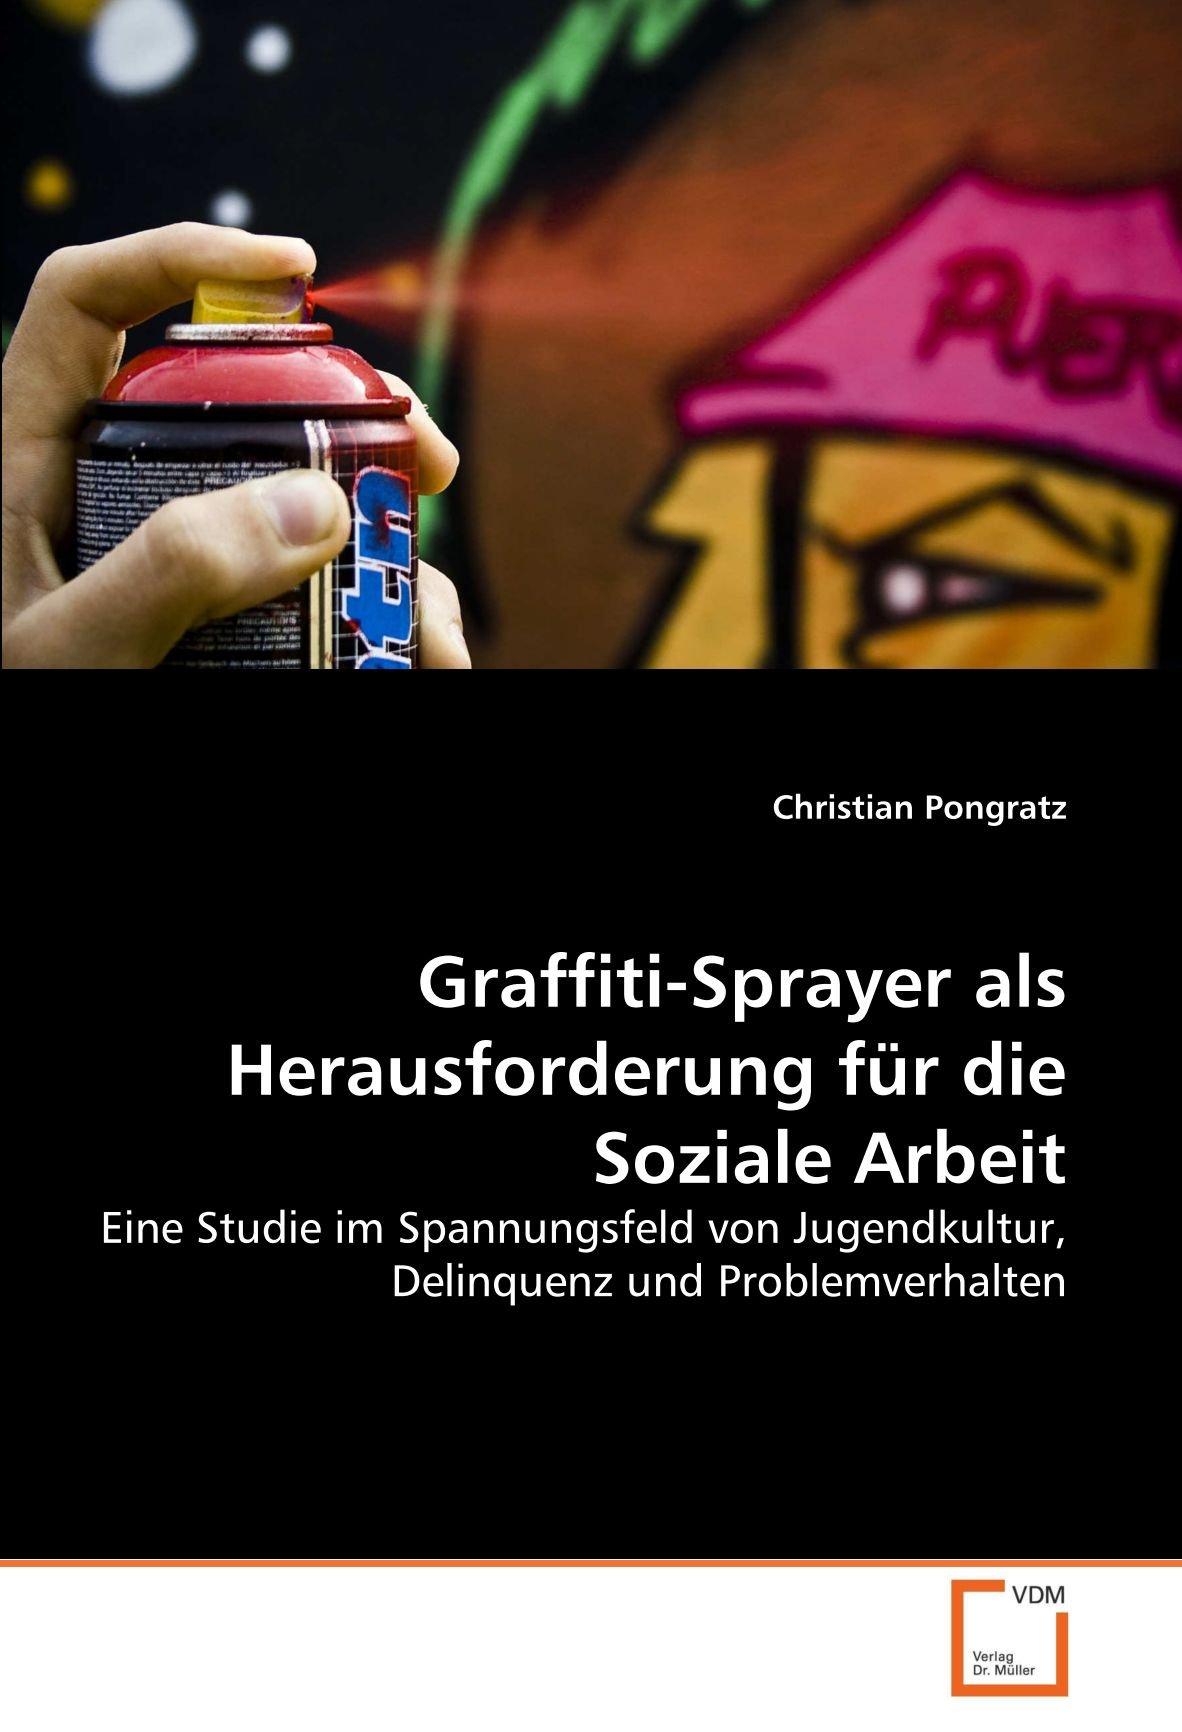 graffiti-sprayer-als-herausforderung-fr-die-soziale-arbeit-eine-studie-im-spannungsfeld-von-jugendkultur-delinquenz-und-problemverhalten